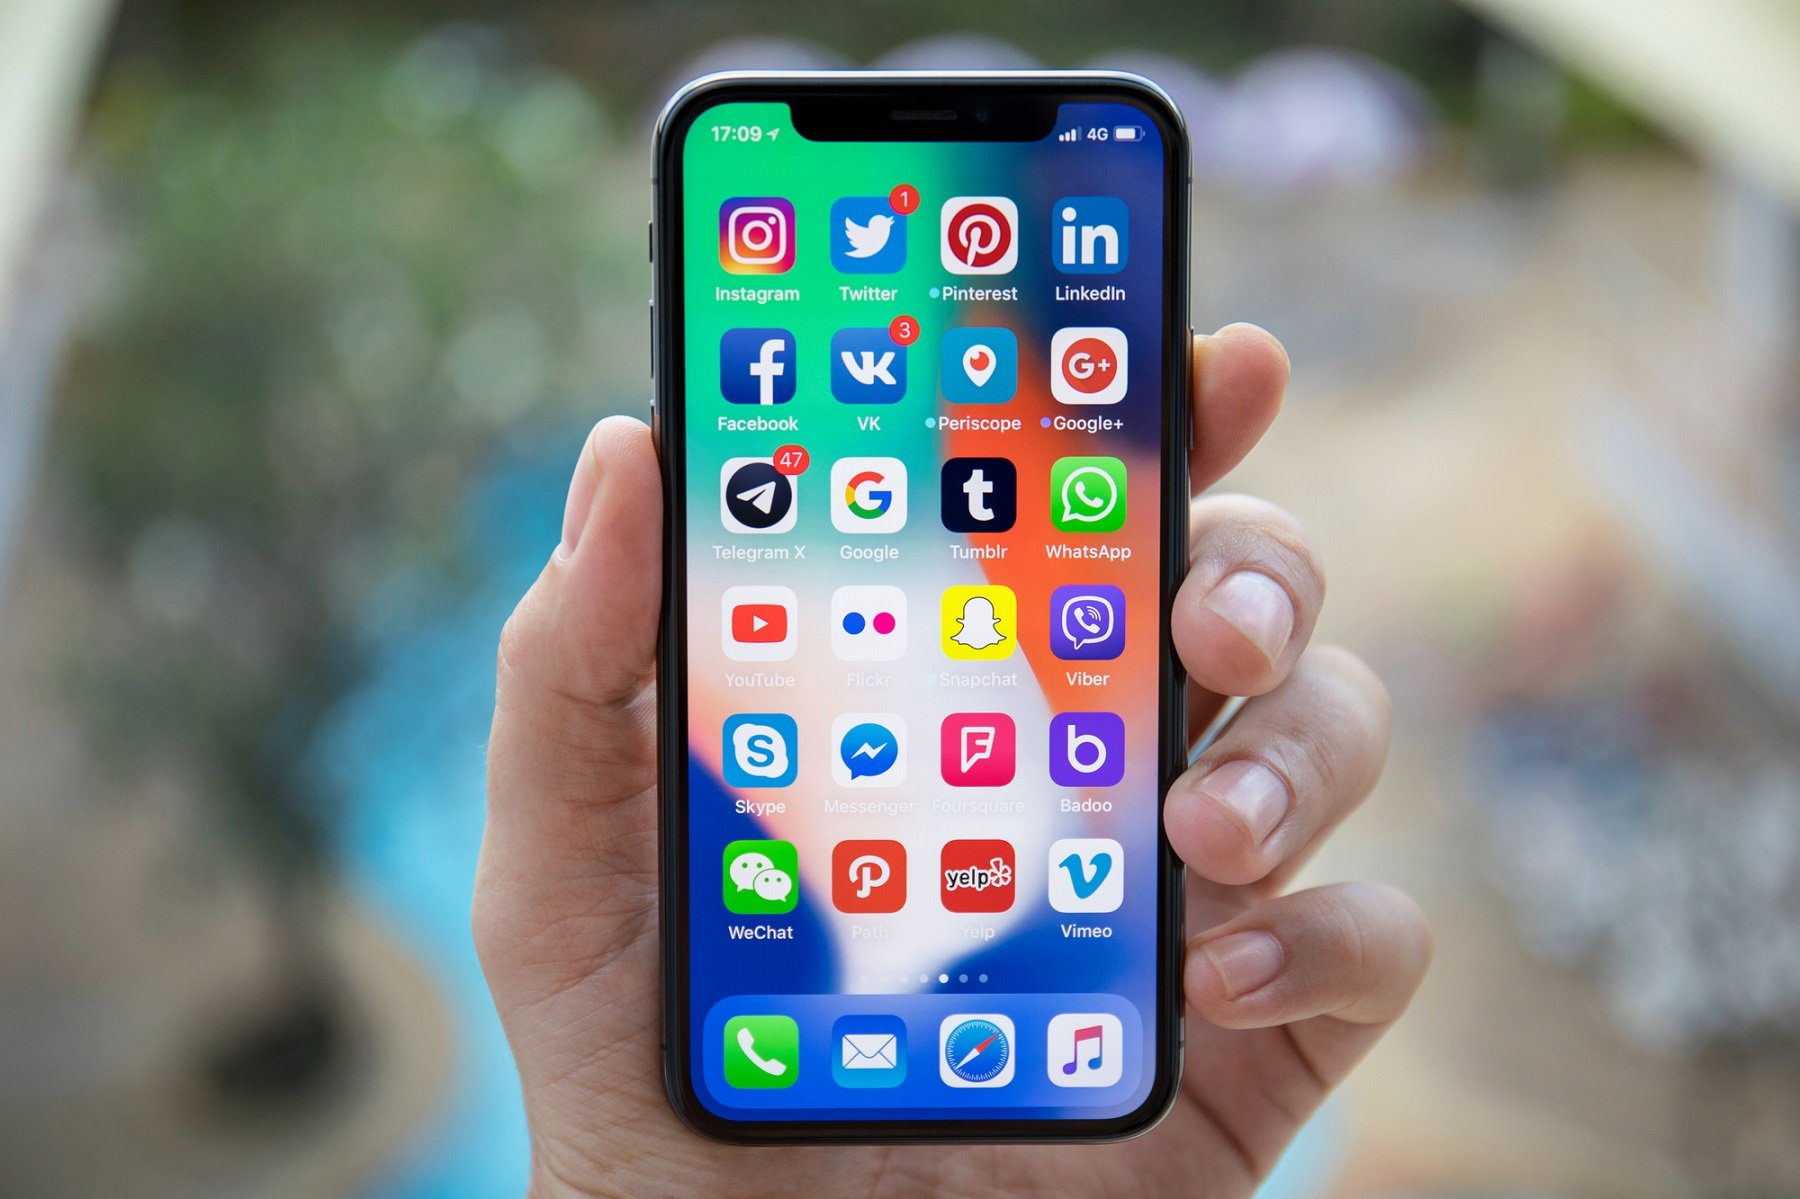 Cách làm cho iPhone của bạn không bị FBI 1